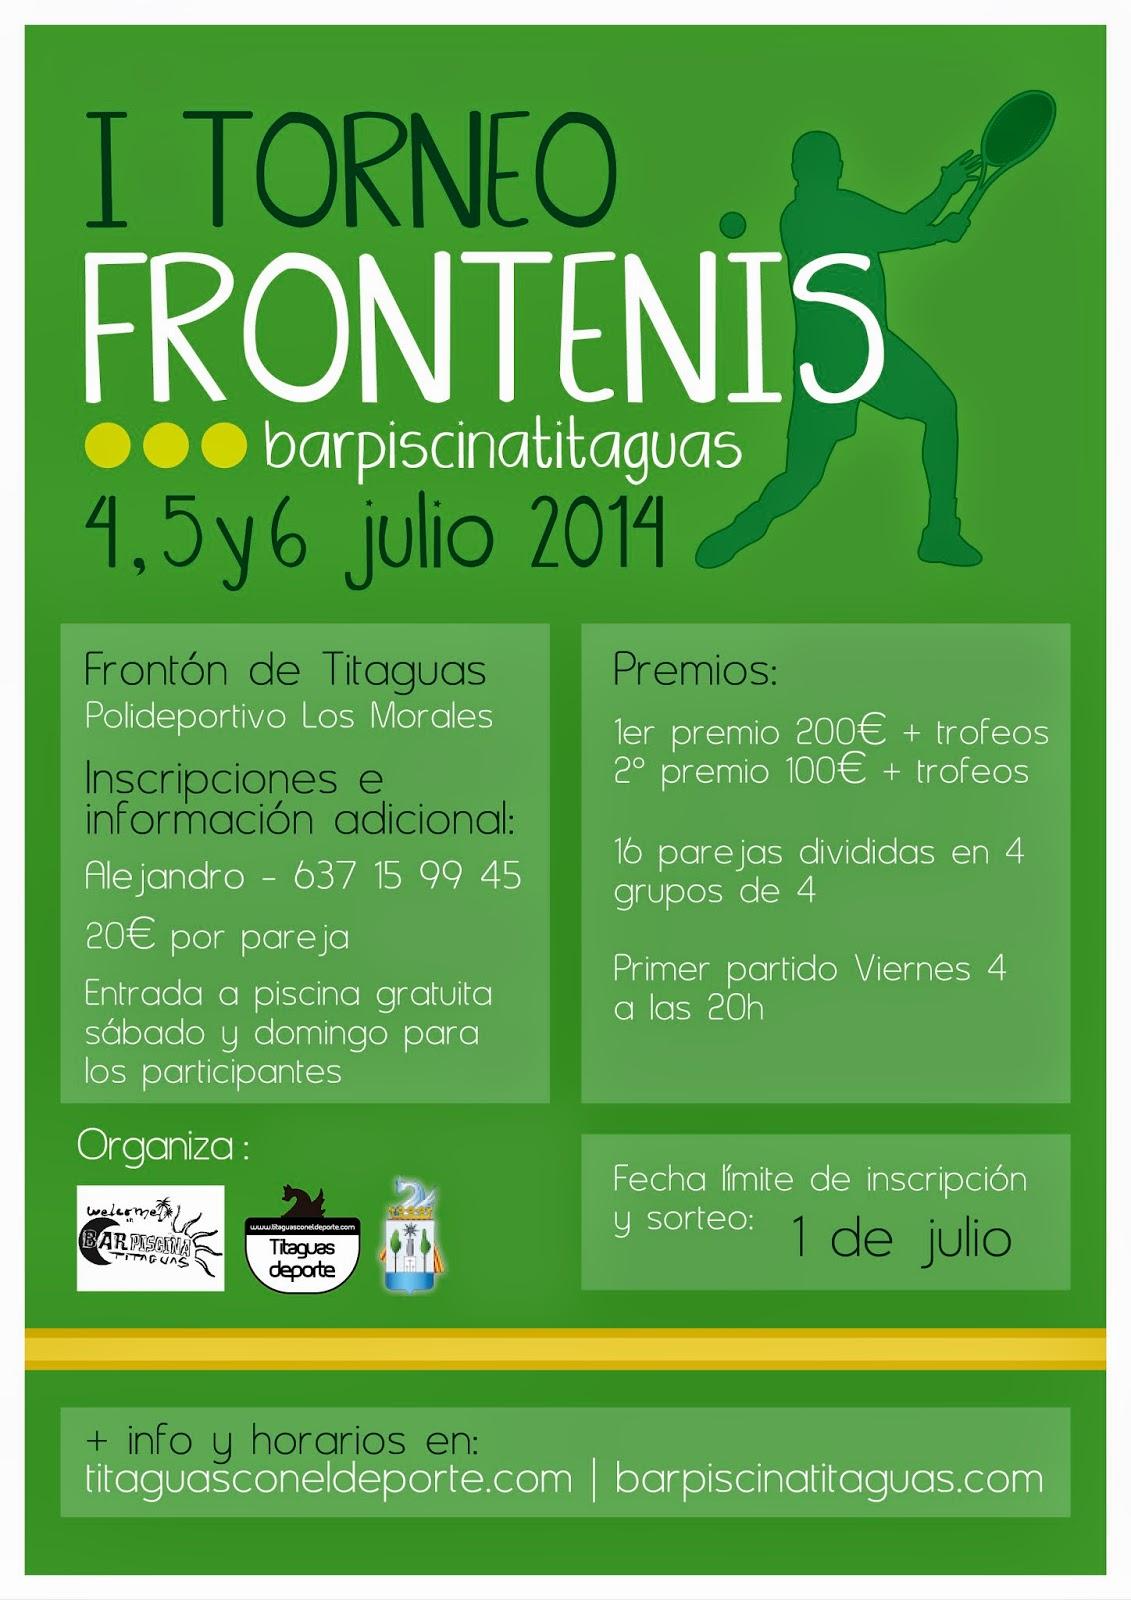 http://www.titaguasconeldeporte.com/p/i-torneo-frontenis-bar-piscina-titaguas.html